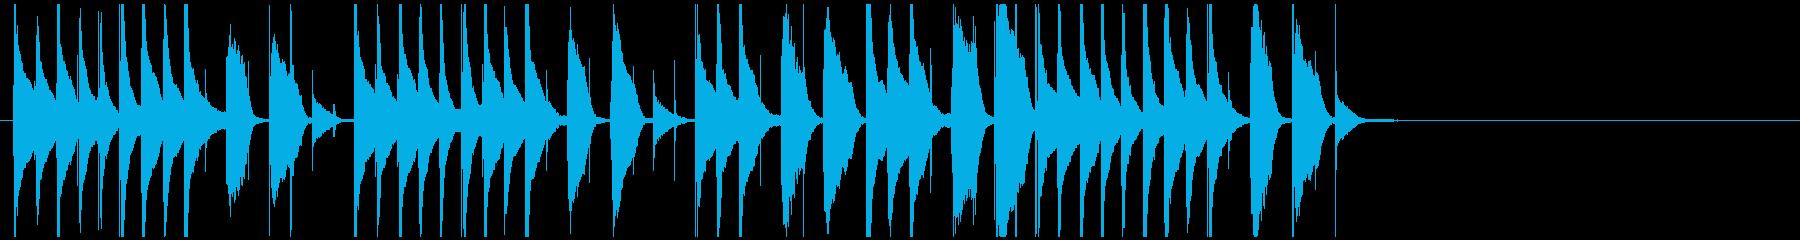 ほのぼのかわいいジングル 日常系コミカルの再生済みの波形